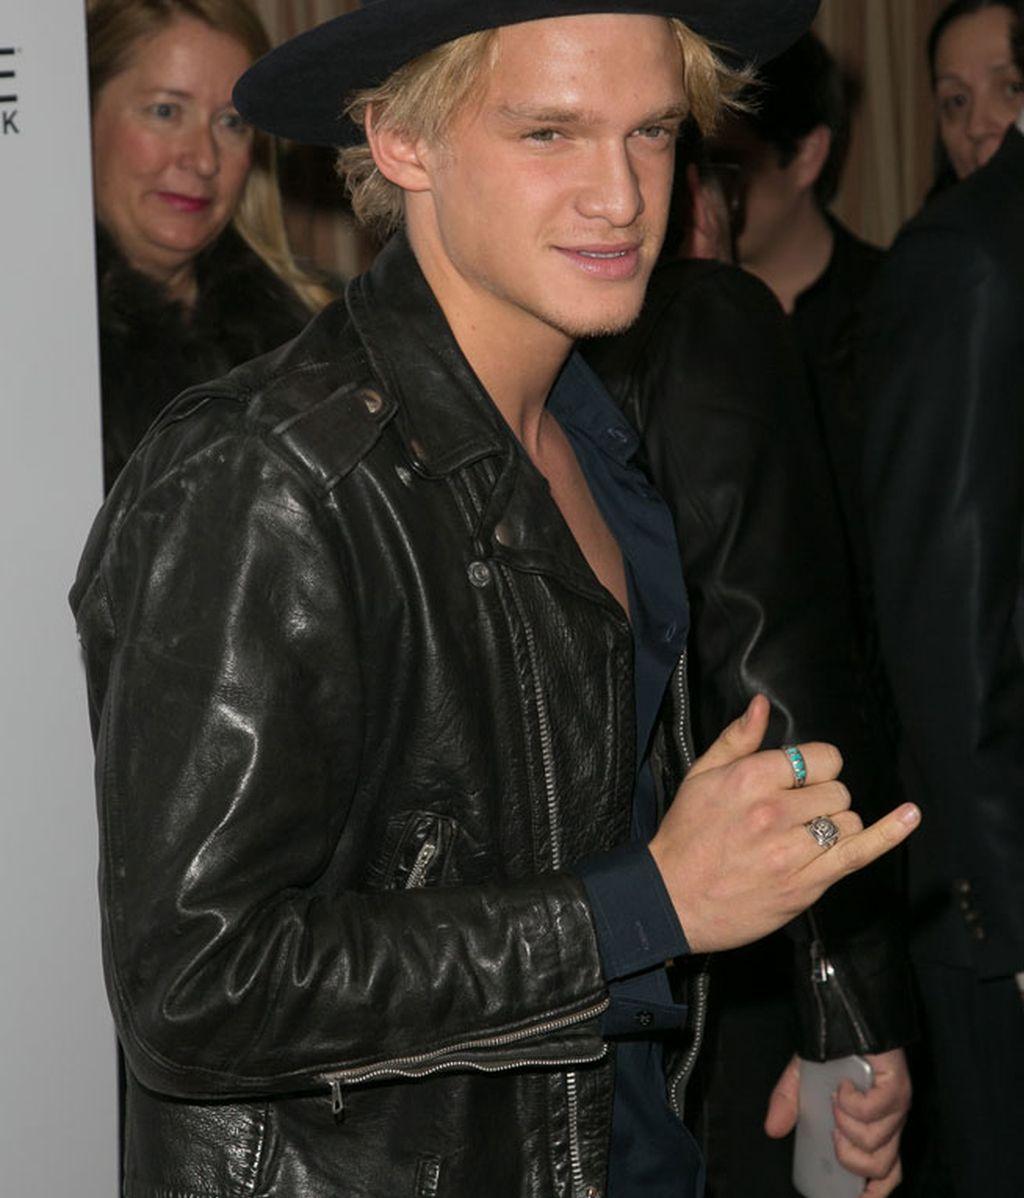 El cantante Cody Simpson con un look desenfadado, sombrero y chupa de cuero